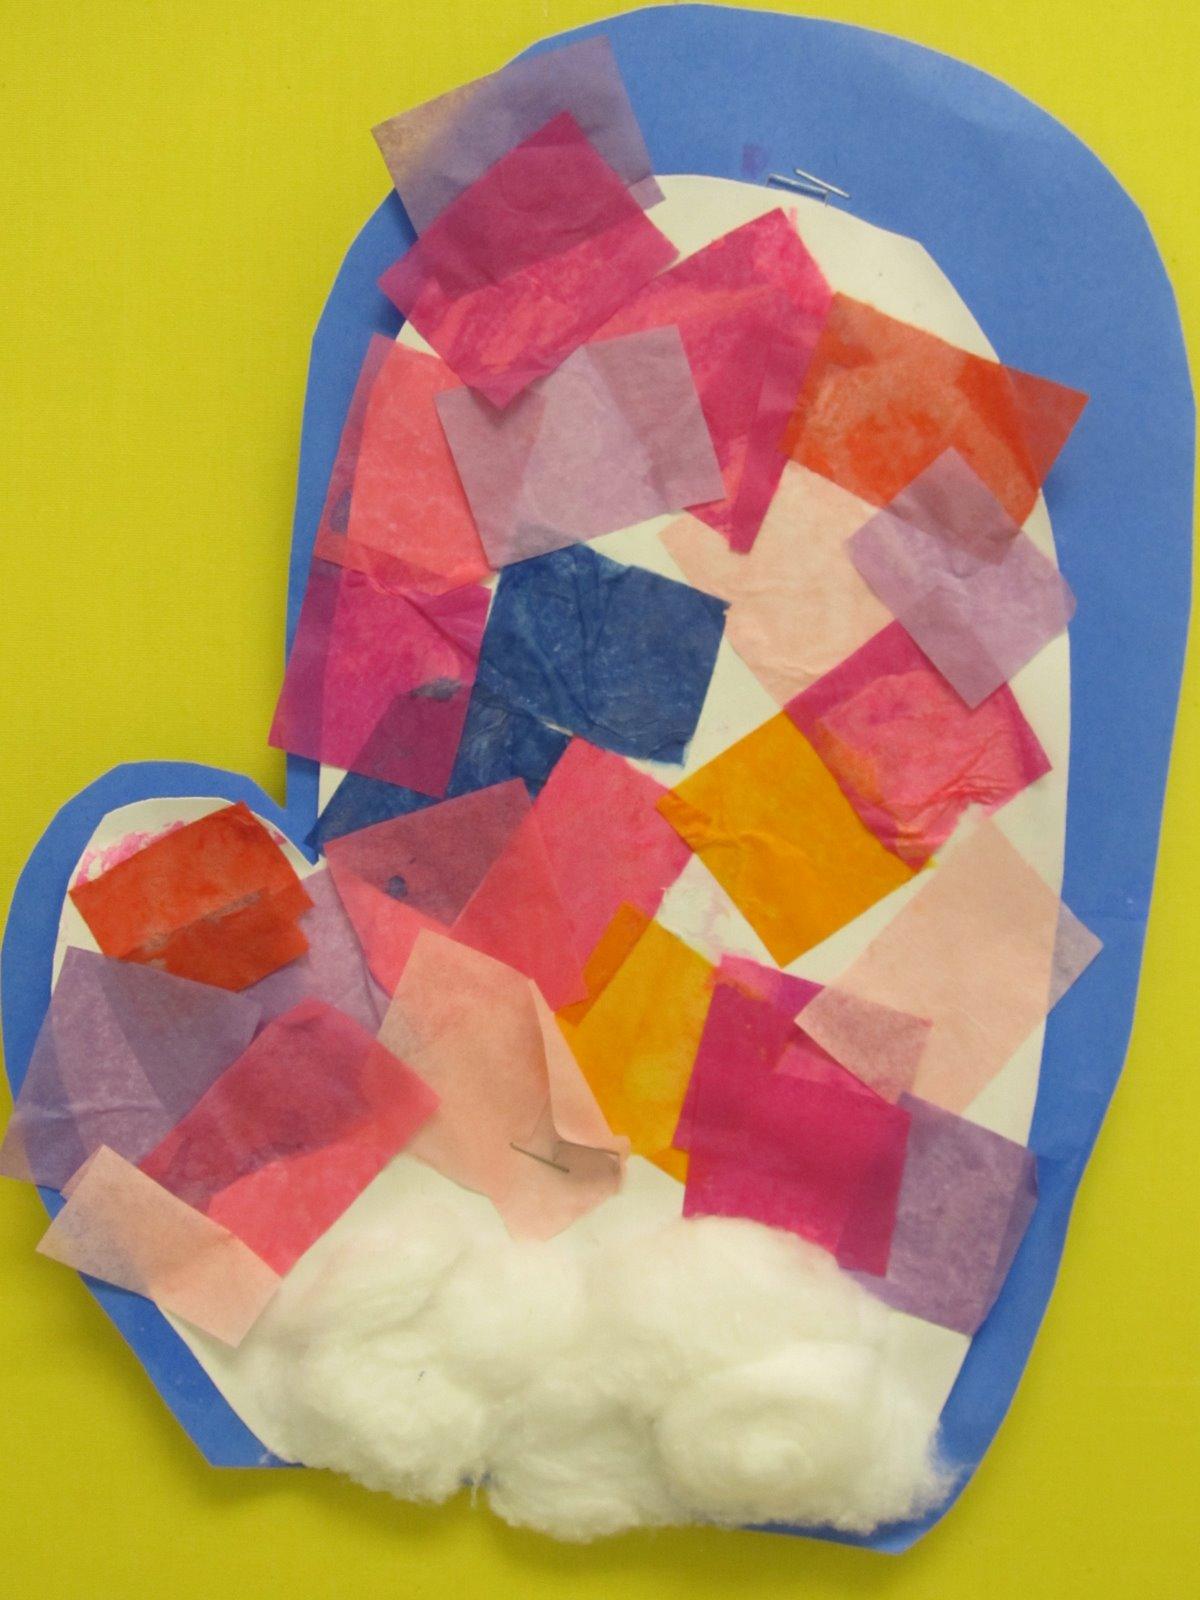 ... bulletin board, Mittens in children's art, tissue paper mittens